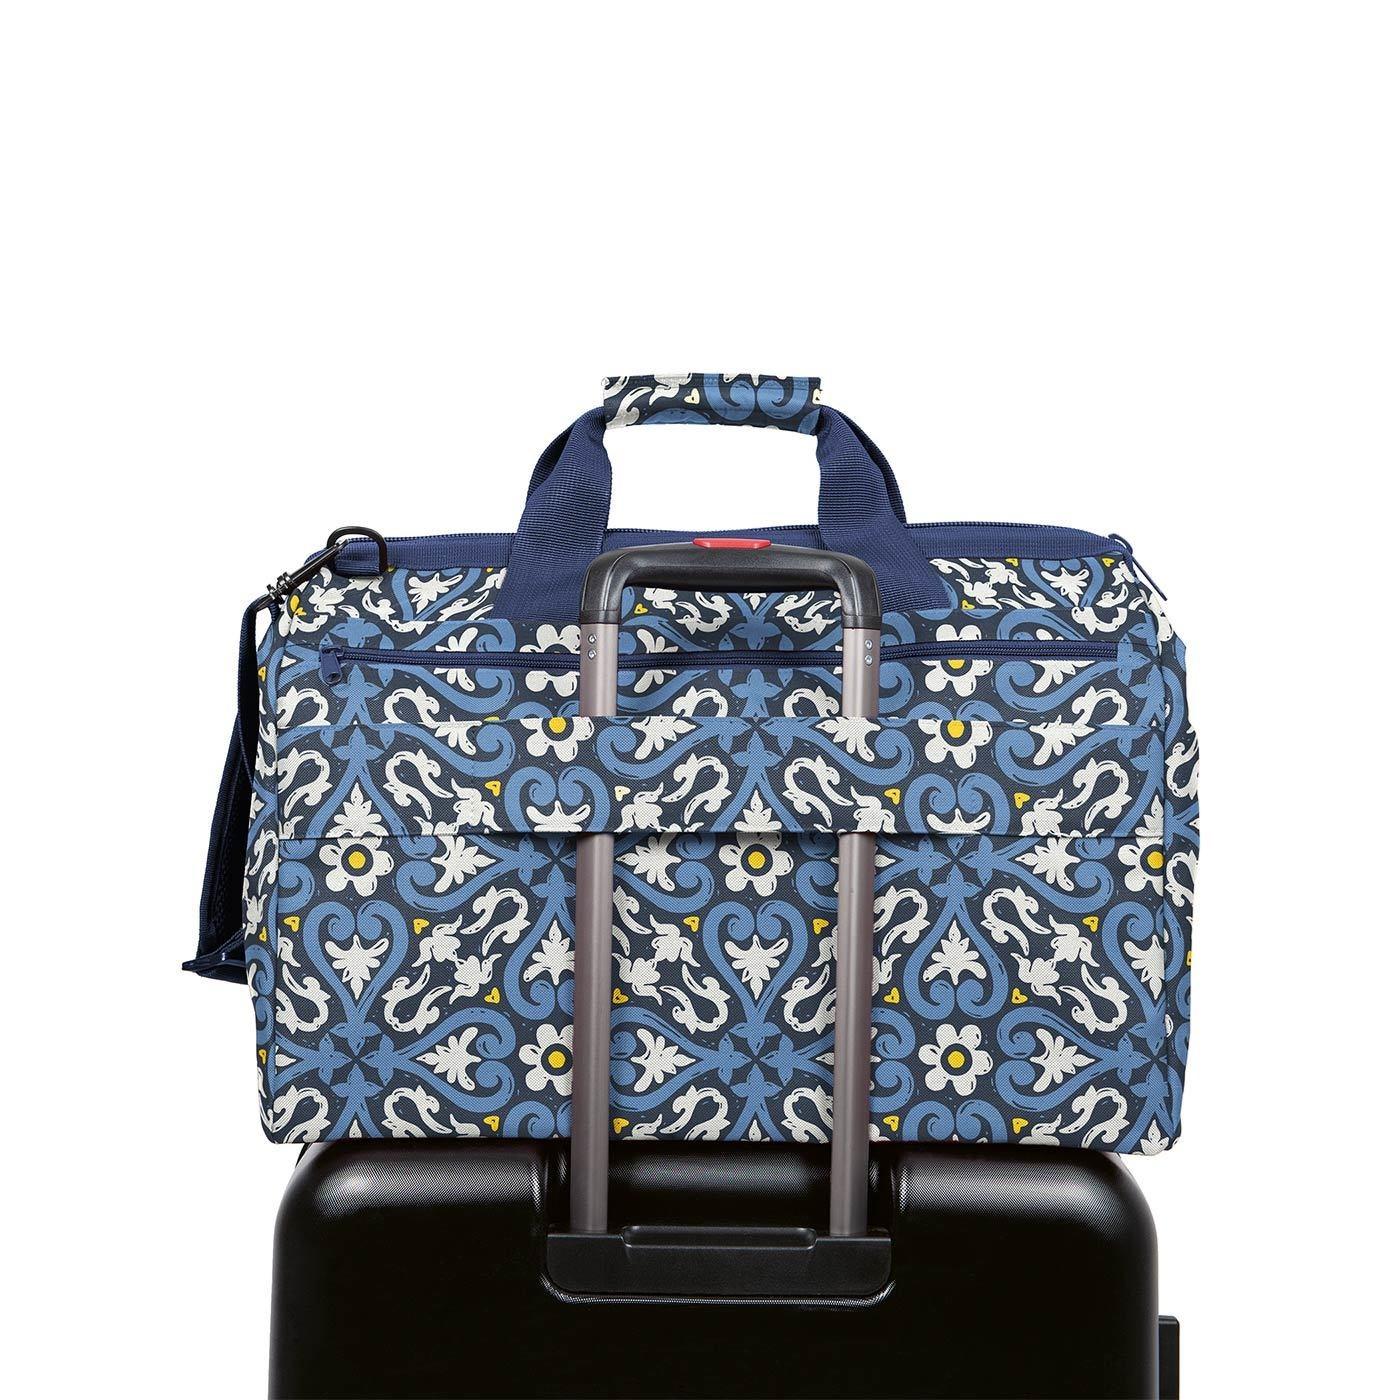 Cestovní taška Allrounder L pocket floral 1_2